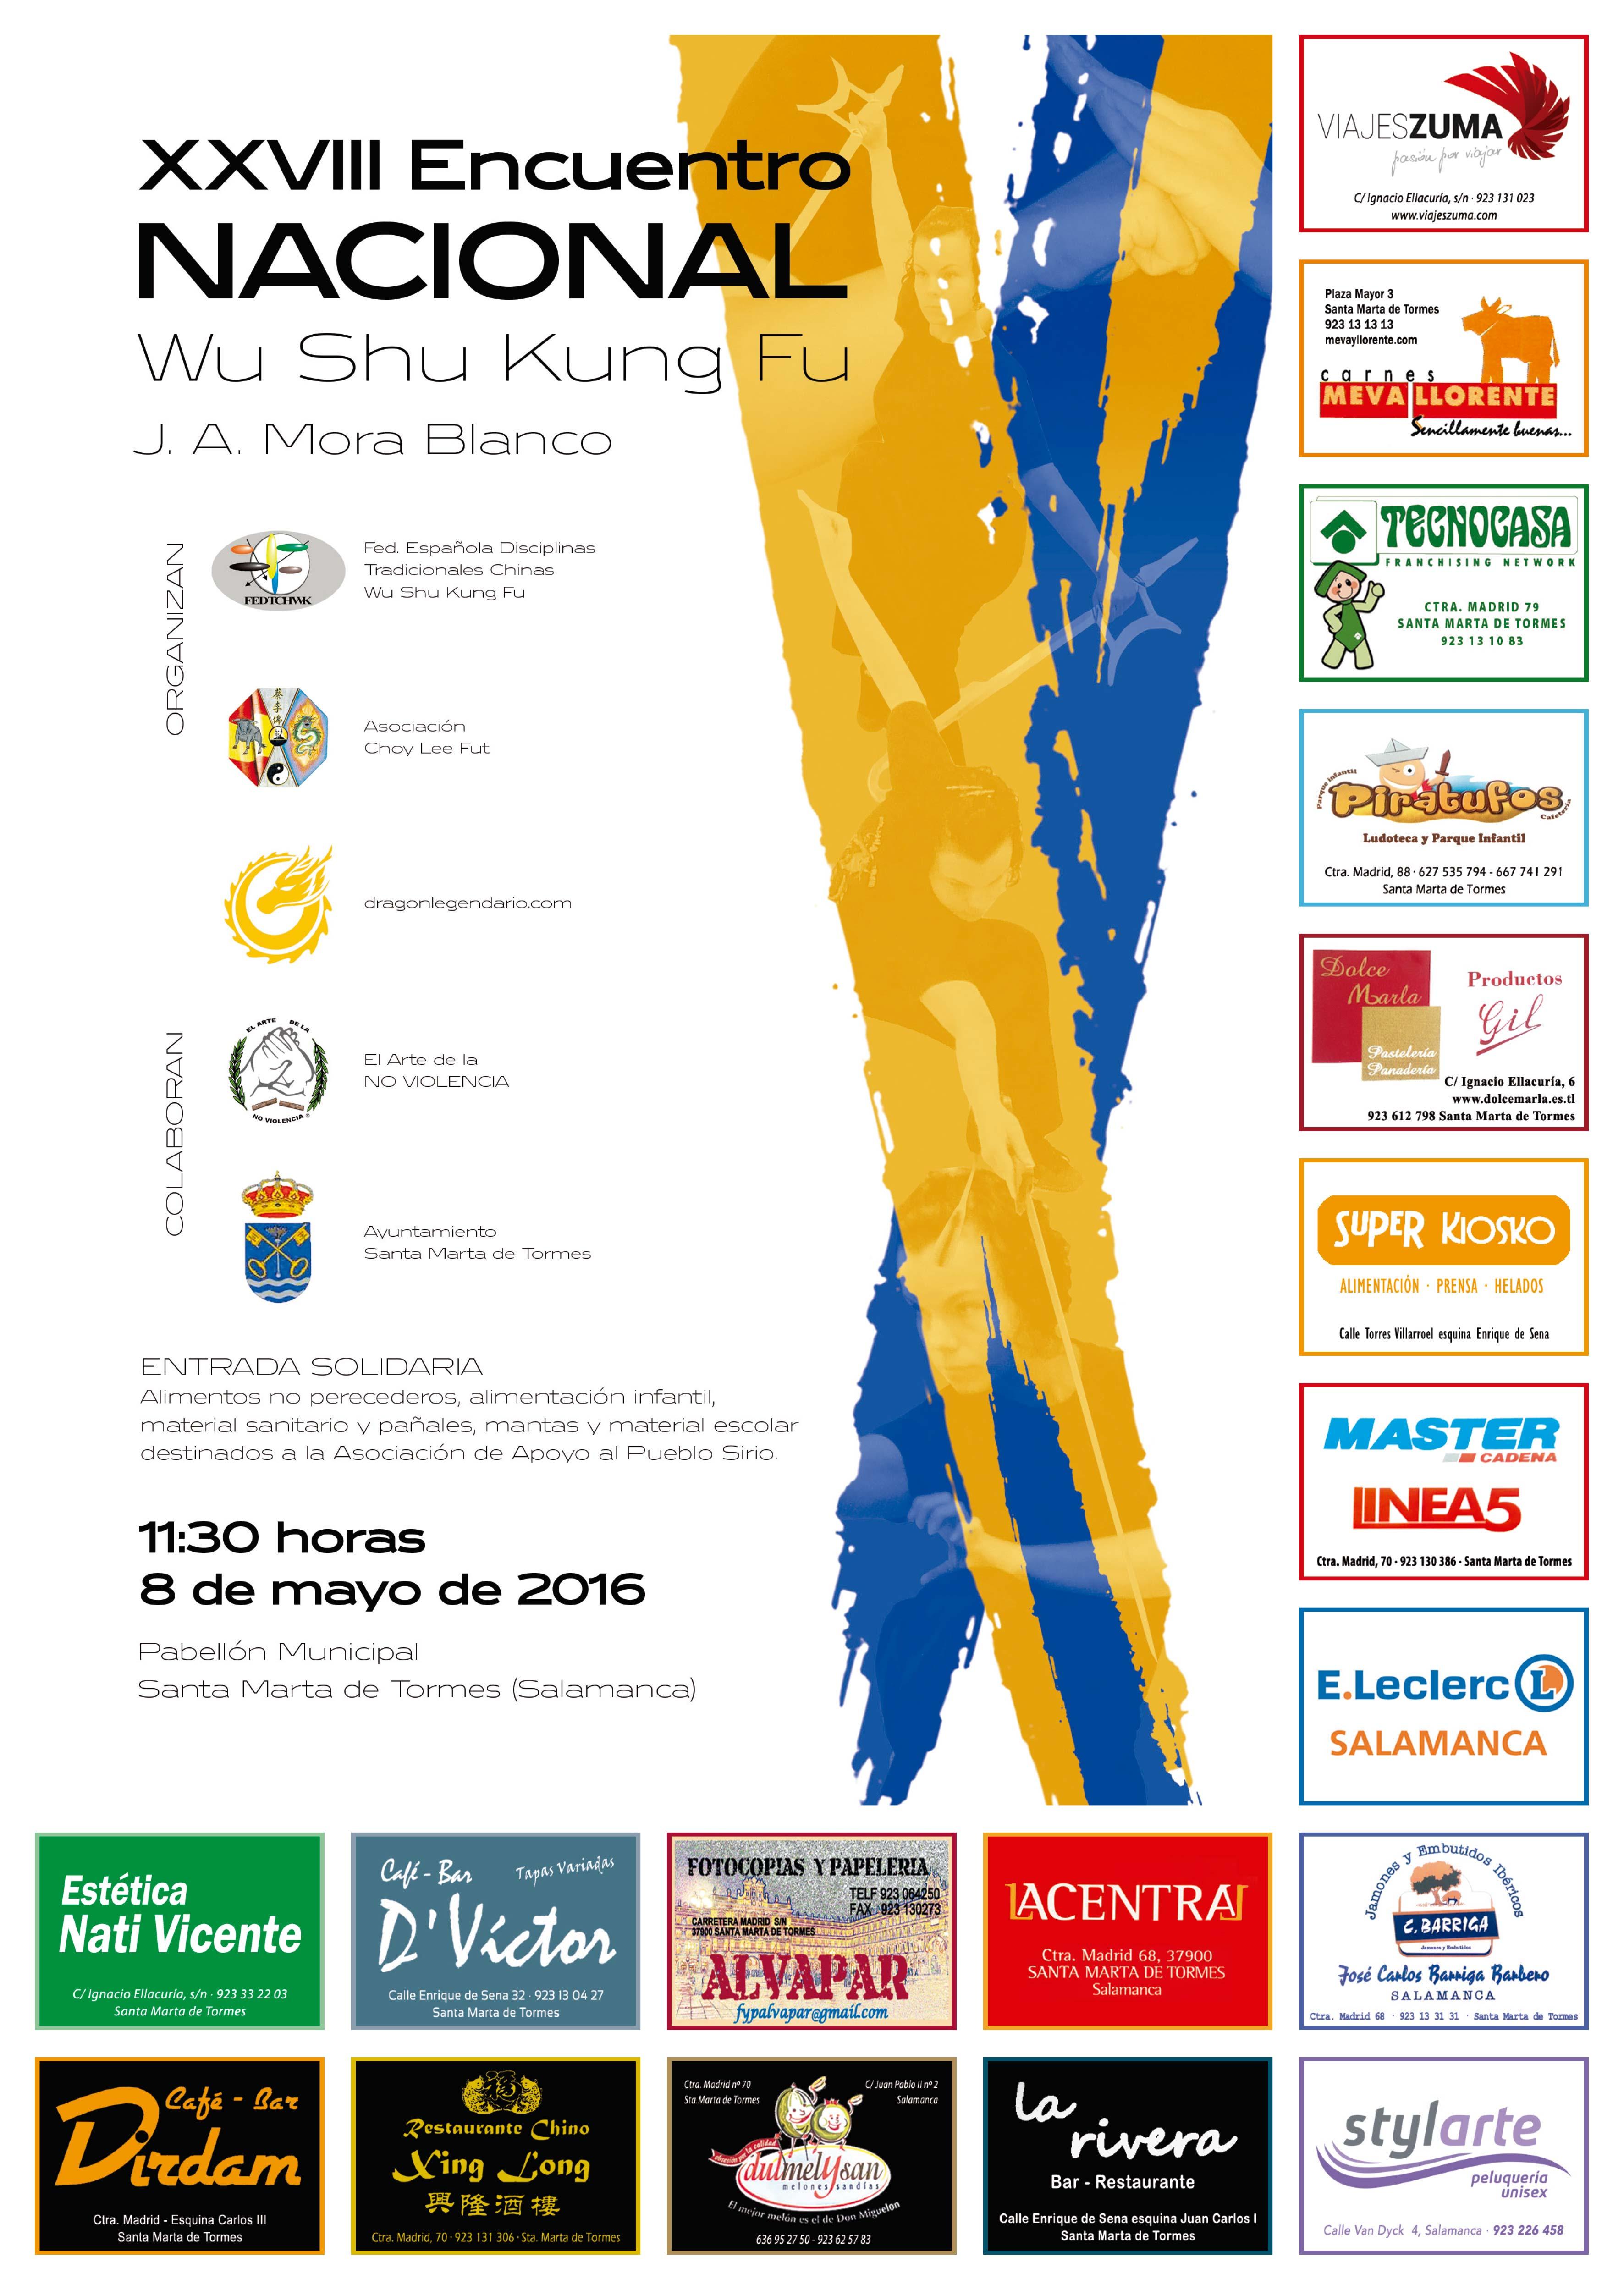 Encuentro Nacional 2016 - Cartel Encuentro Nacional 2016